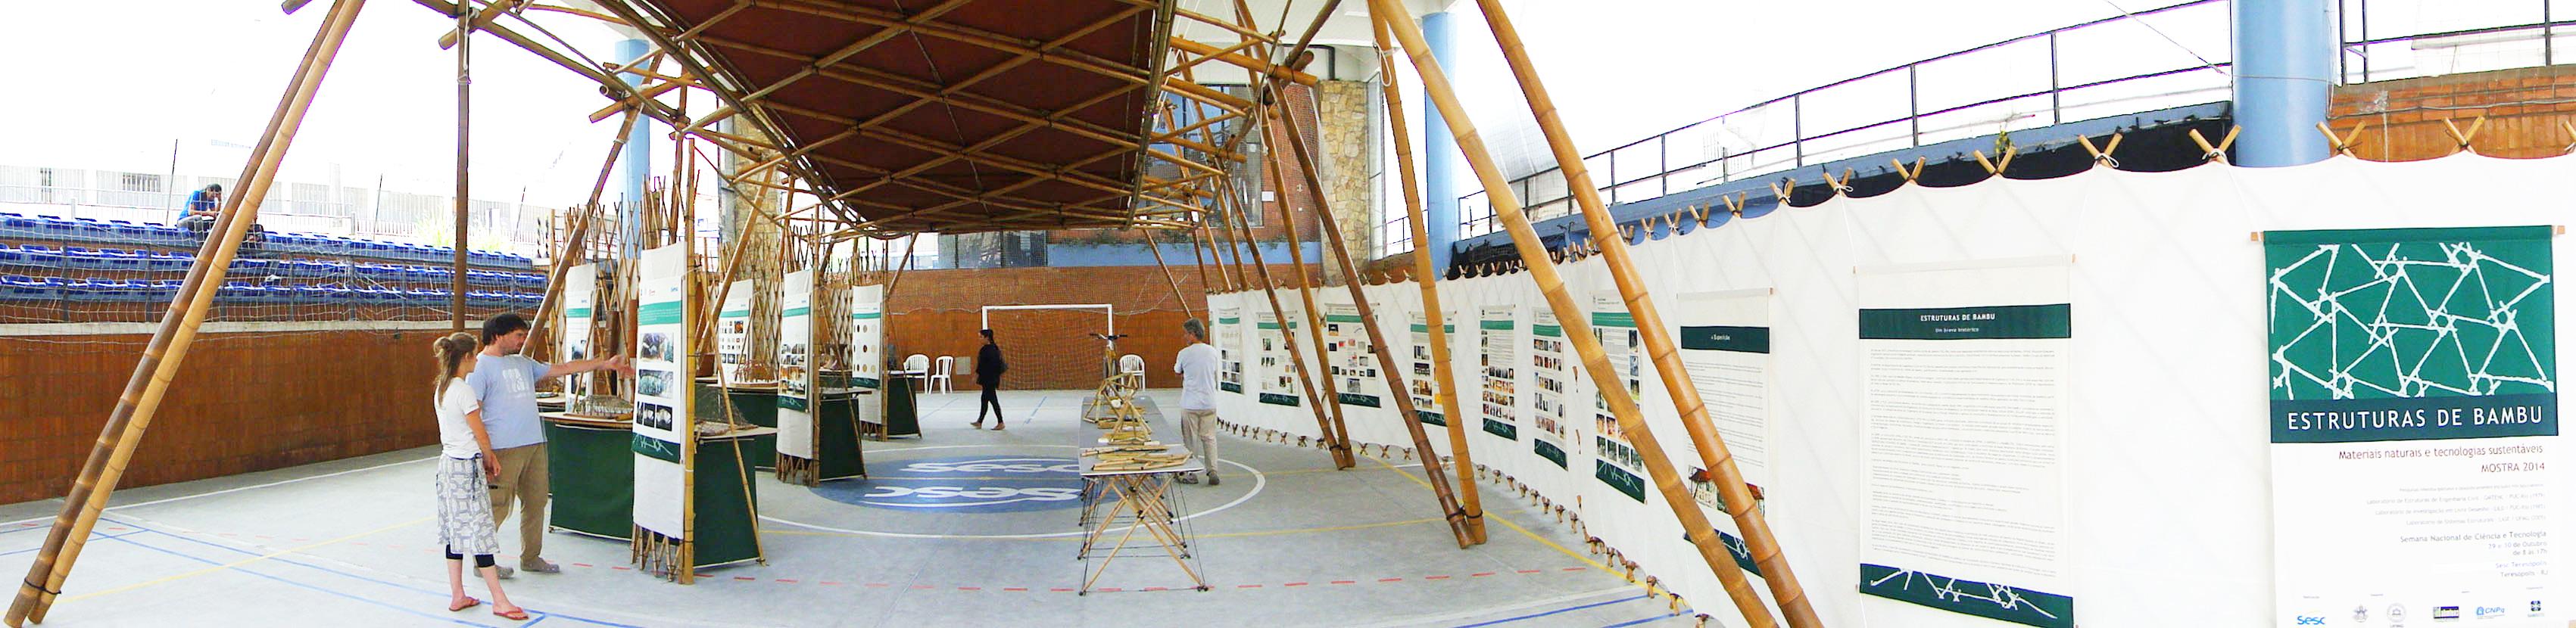 4-Exposição-Estruturas-de-Bambu-Sesc-Teresópolis.jpg